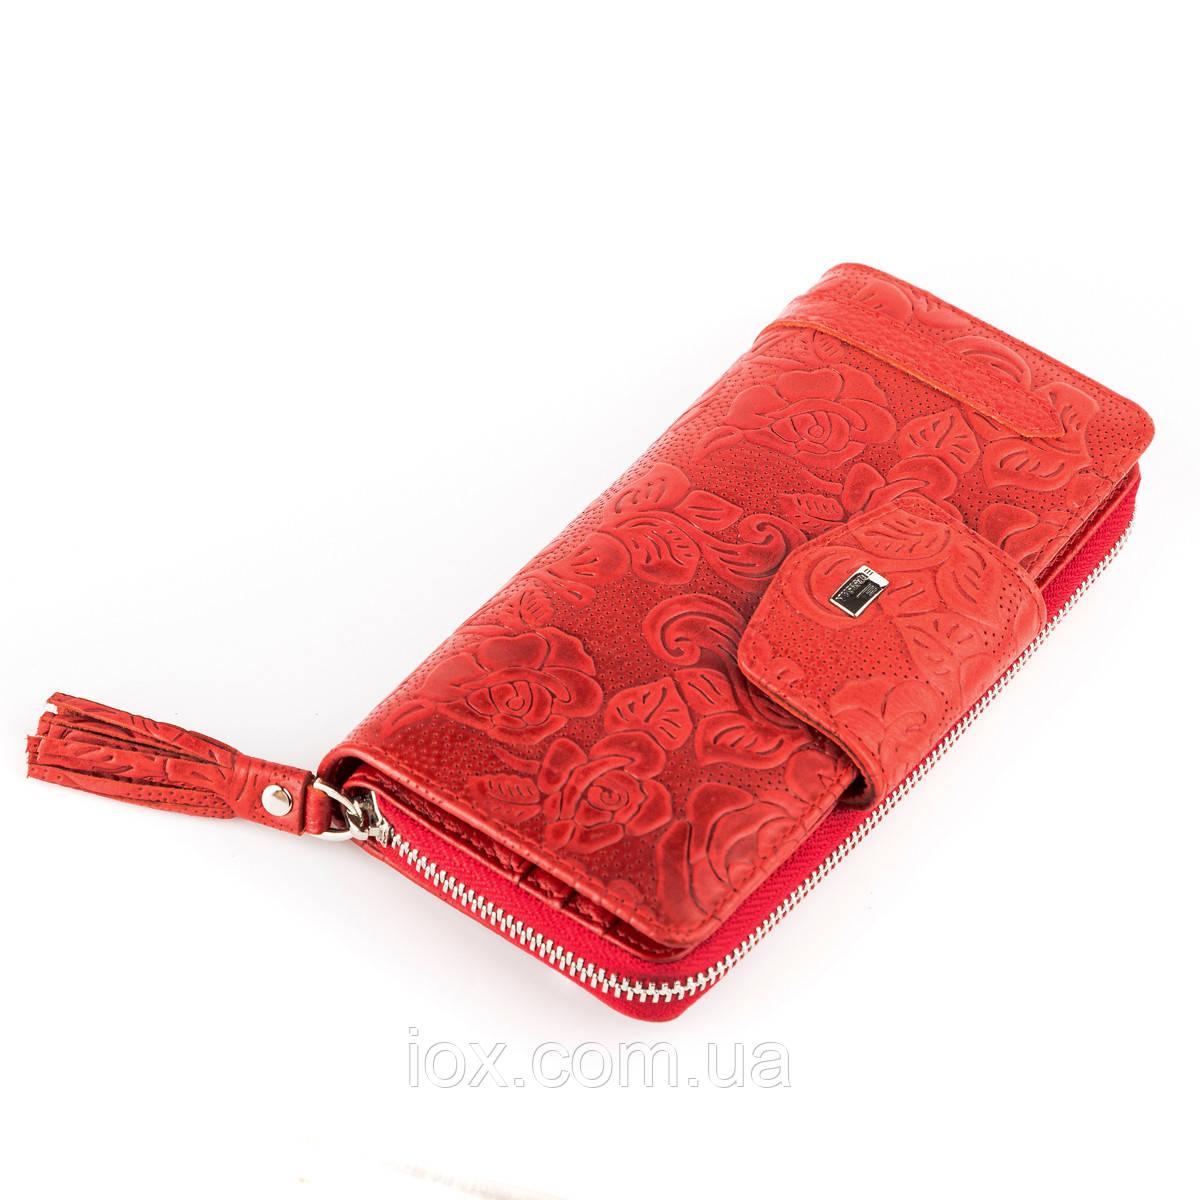 Женский кошелек Desisan 17060 кожаный Красный